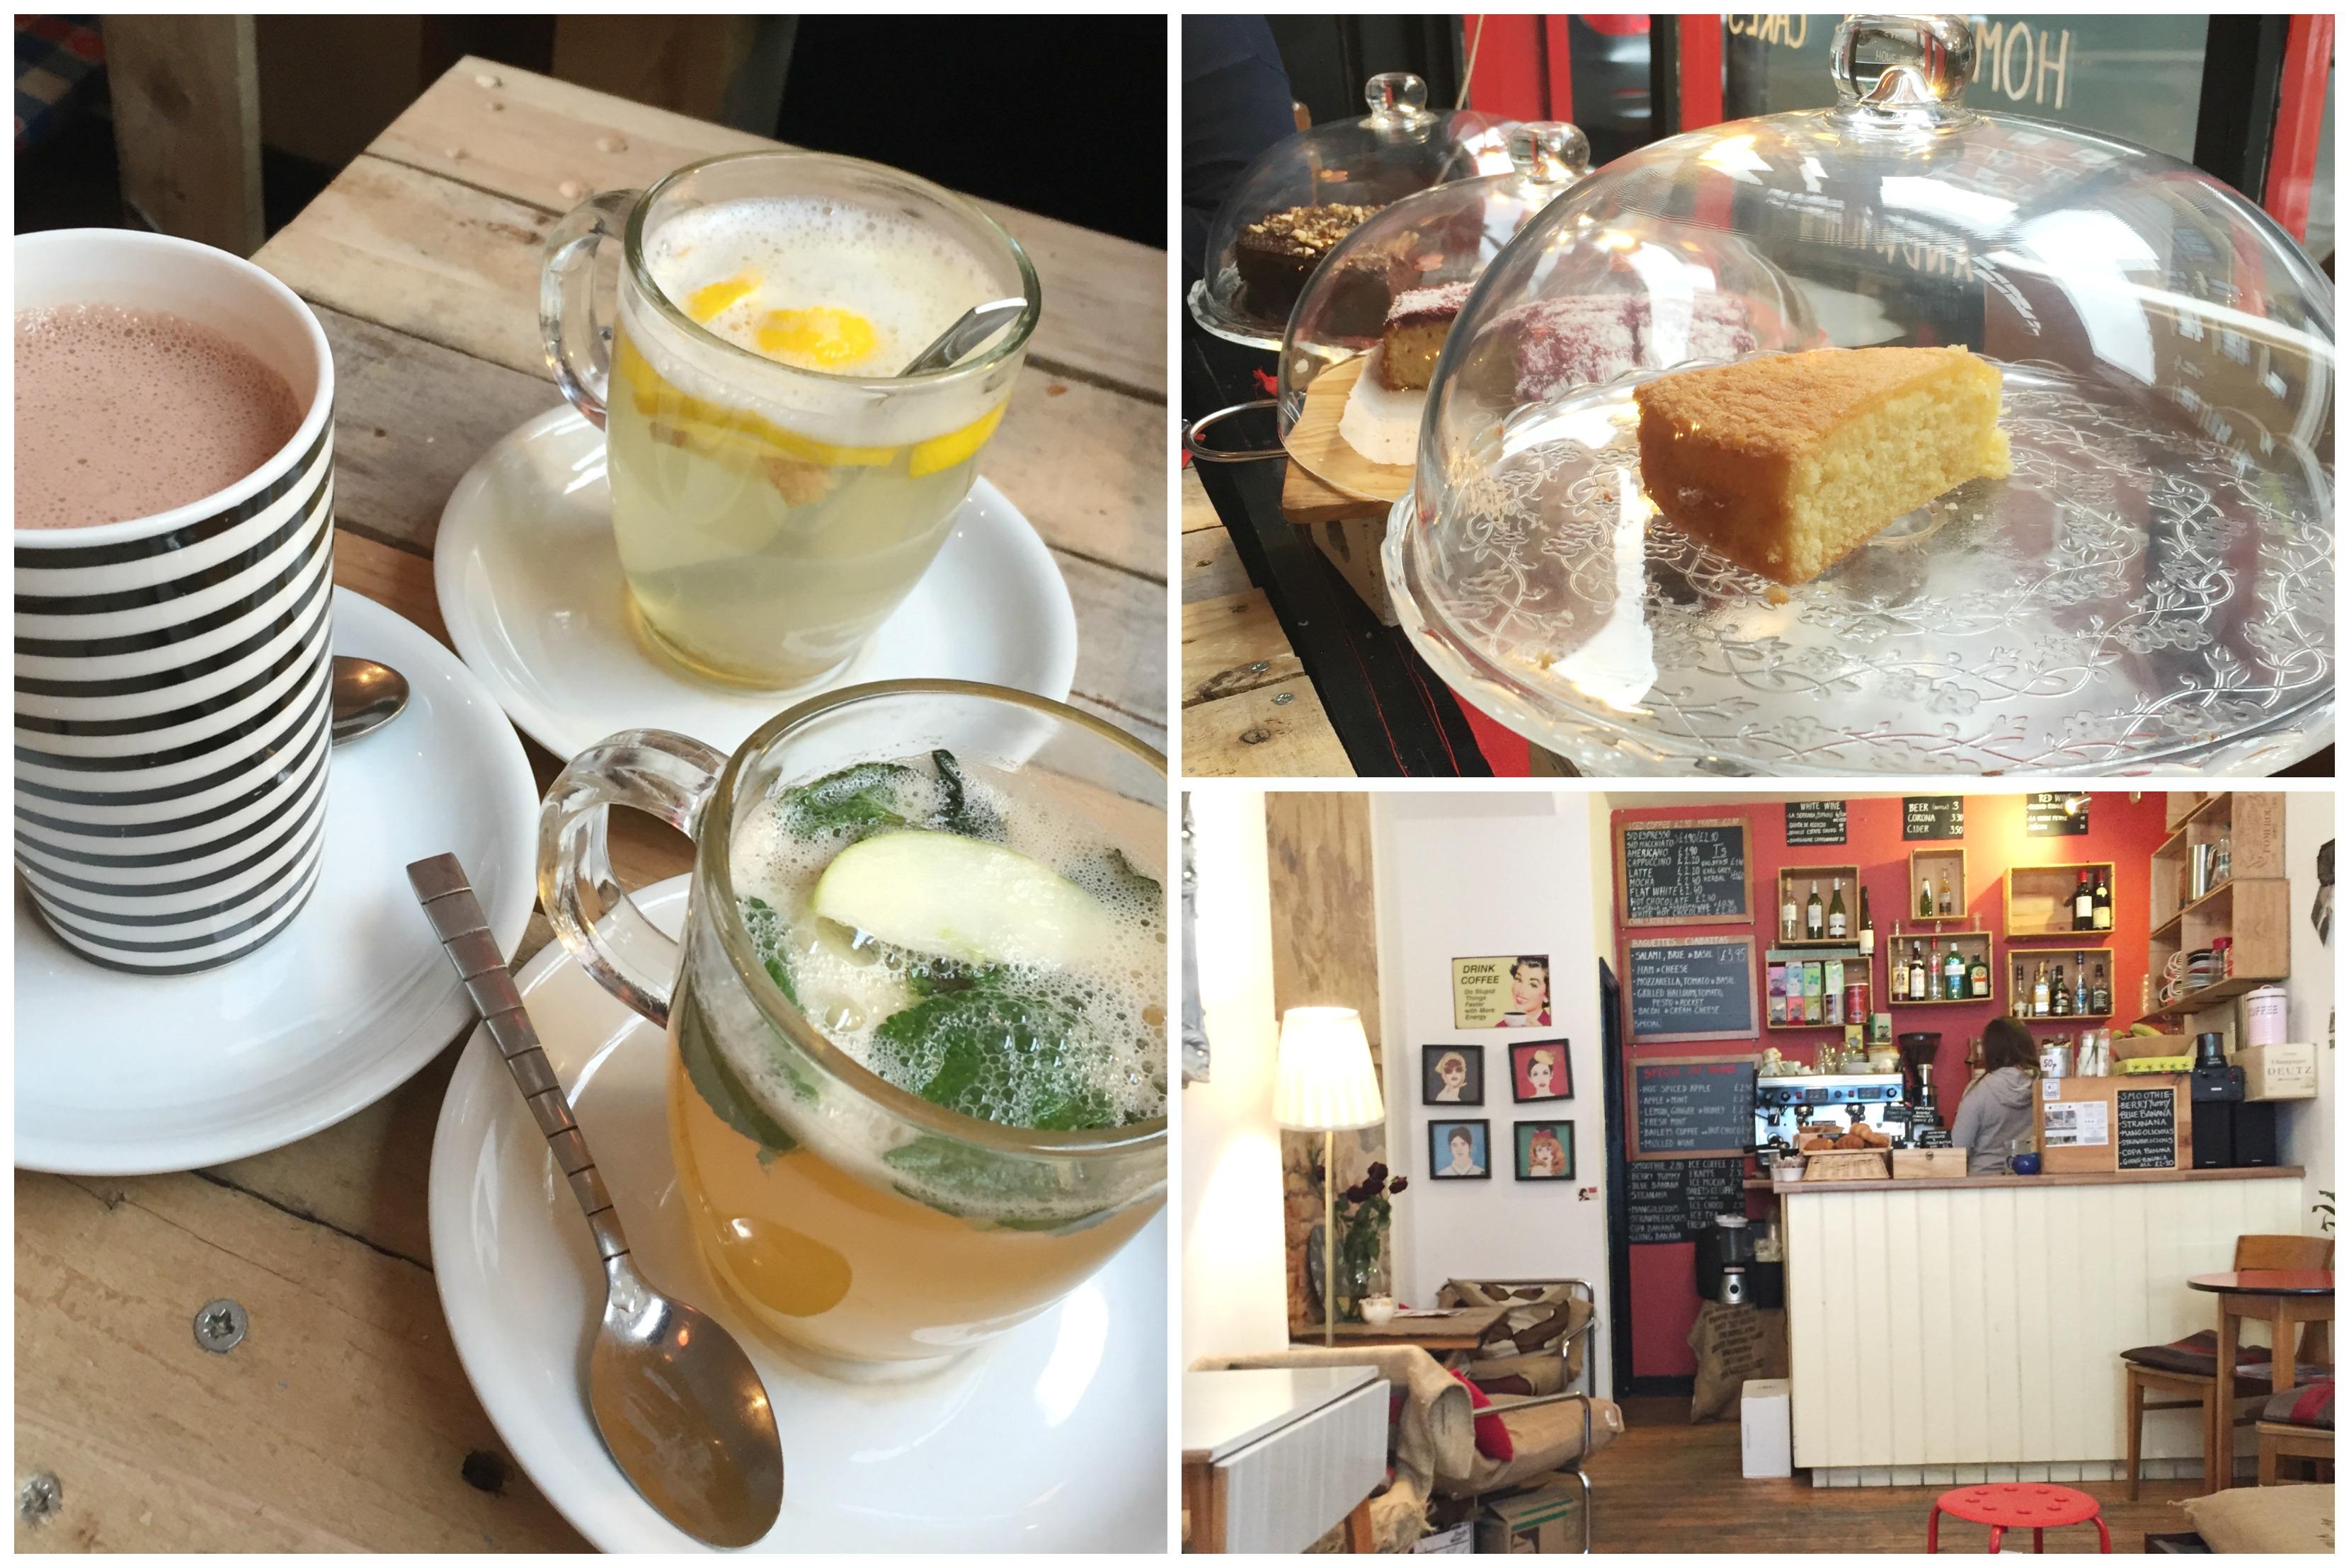 The Vintage Cafe